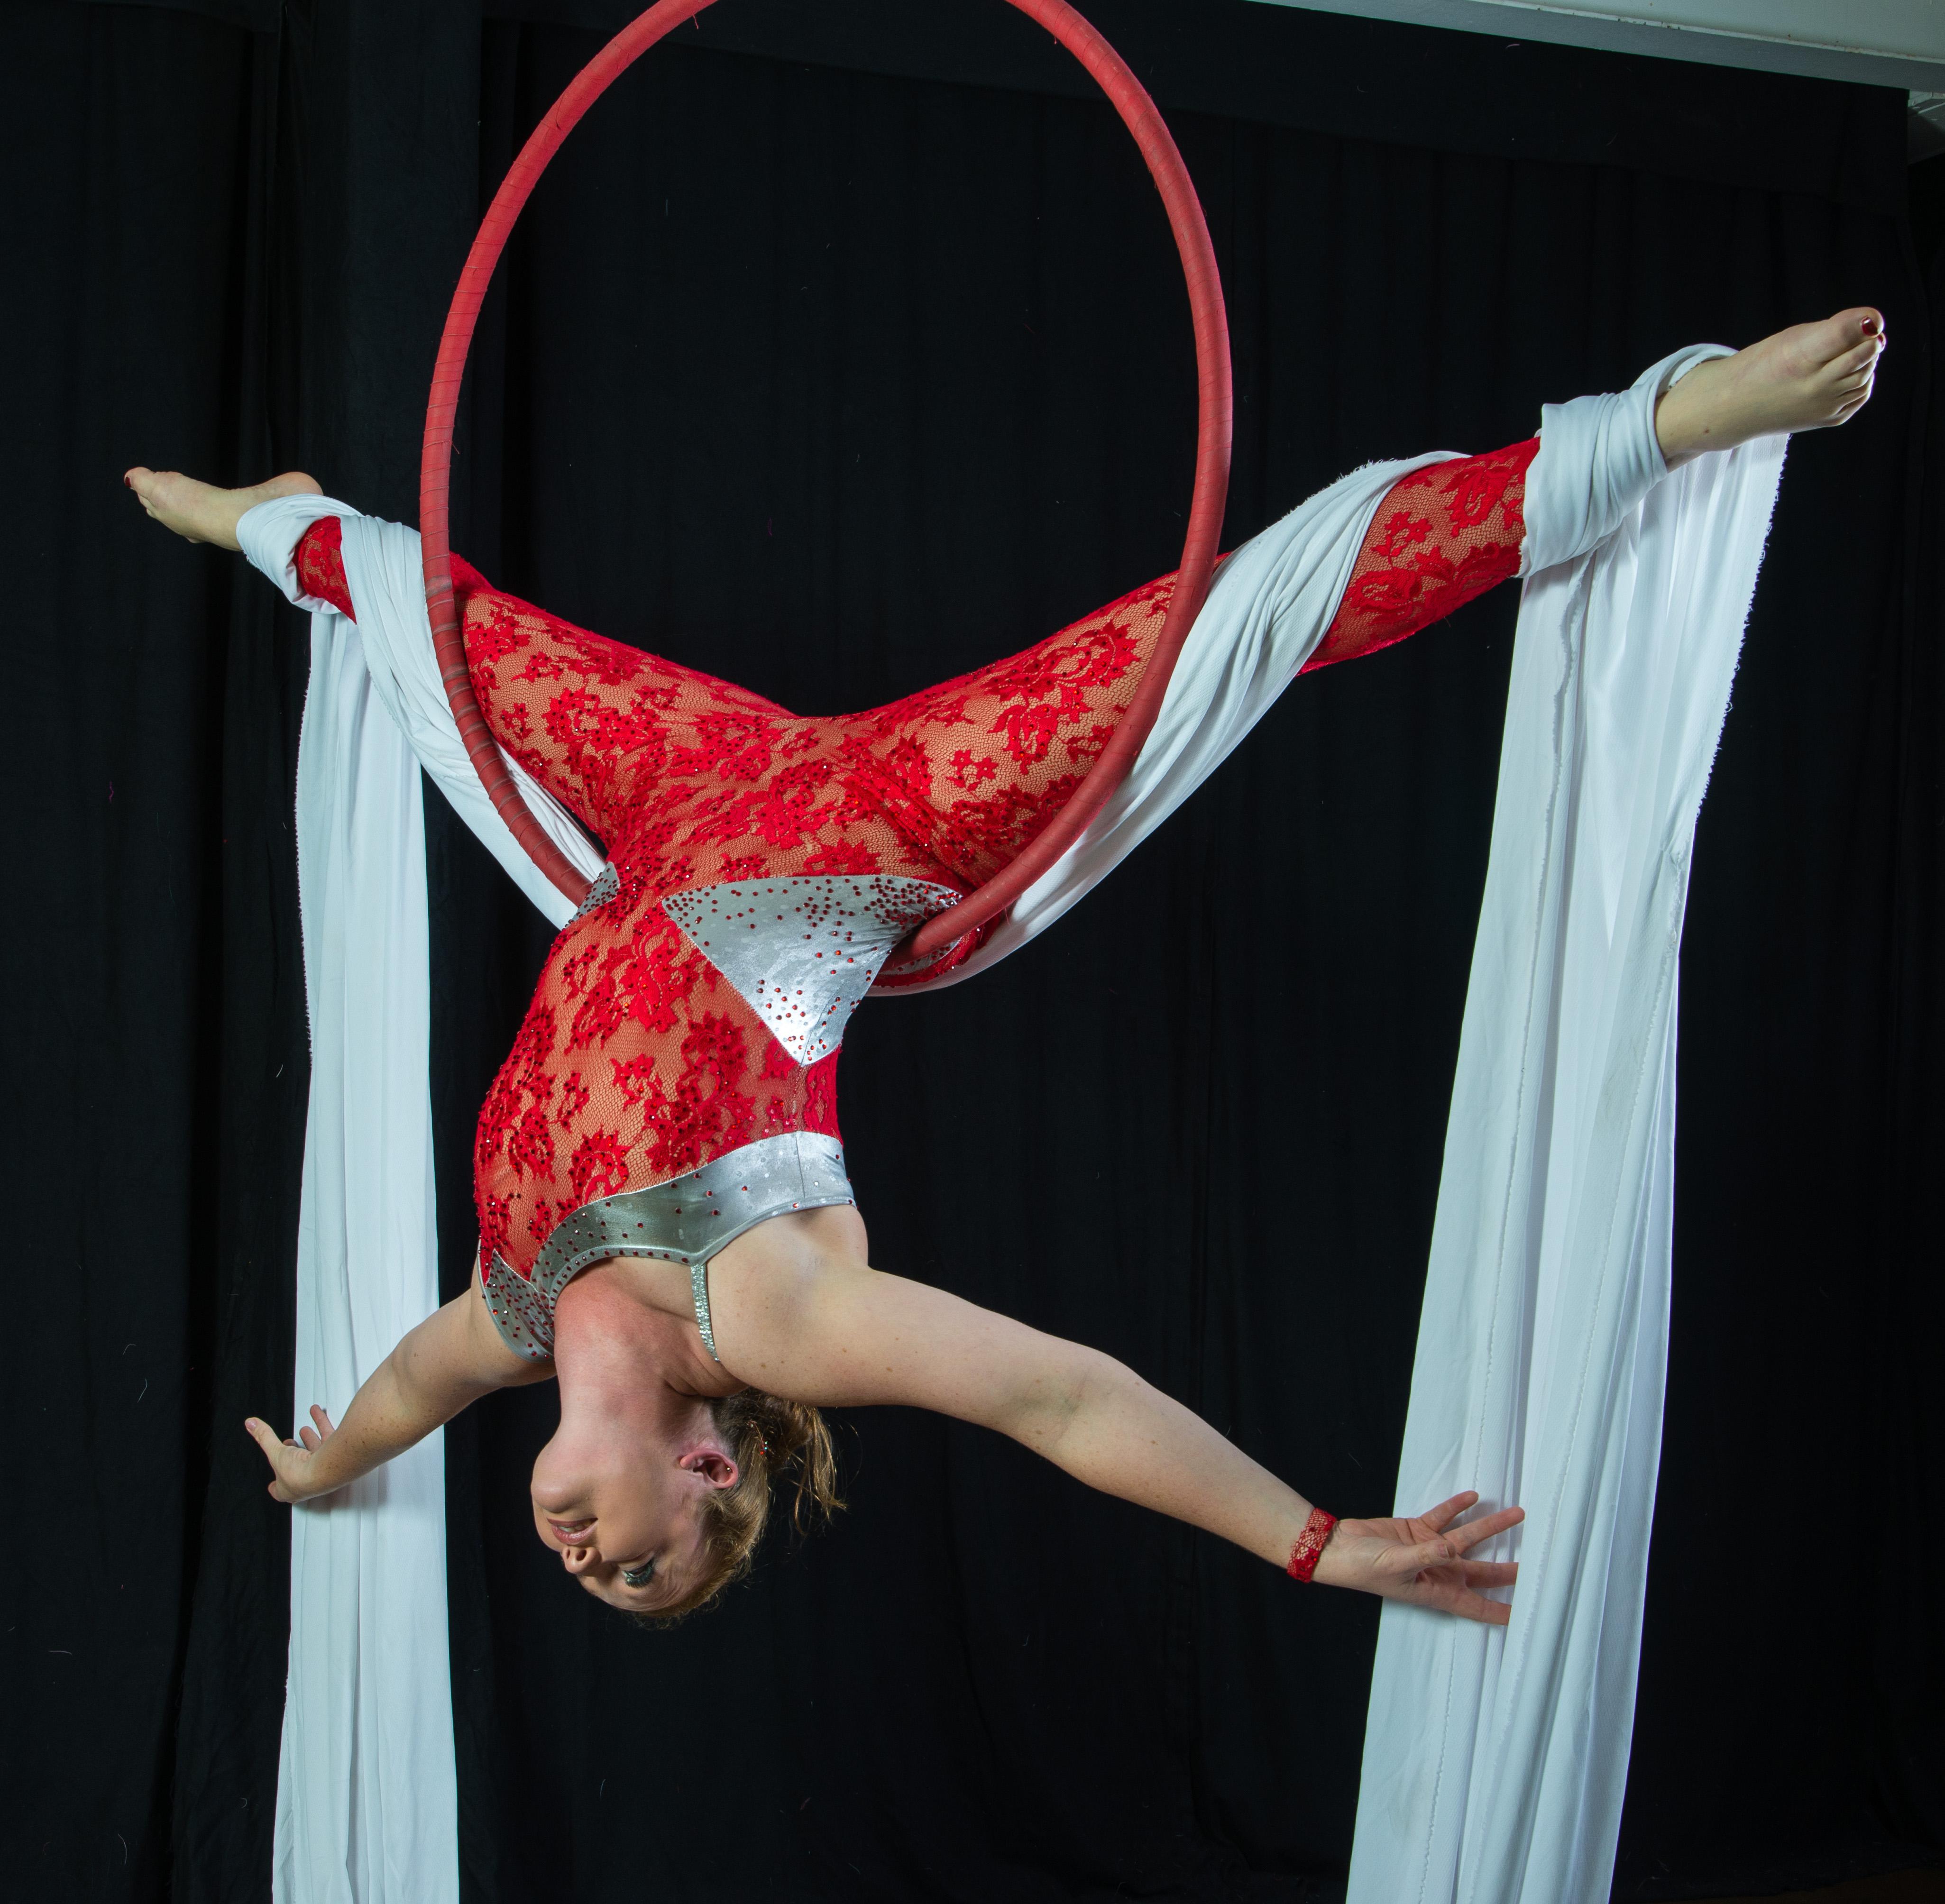 Aerial Hoop/Silks